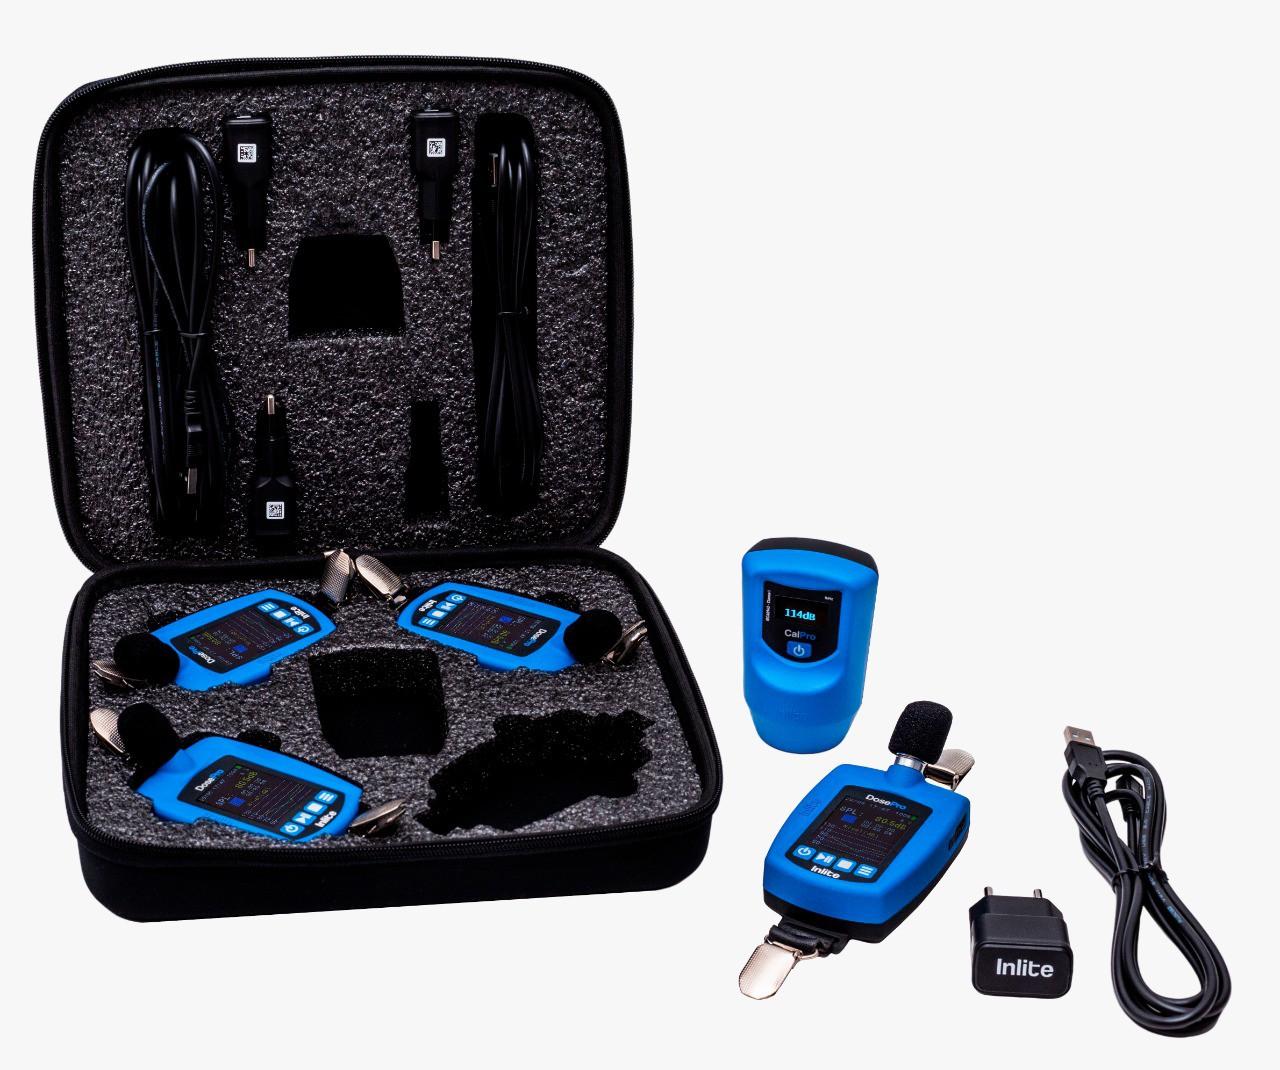 Kit para Higiene Ocupacional composto por 4 dosímetros de ruído DoseMax, 1 calibrador acústico CalPro e estojo para transporte  - Instrubras Instrumentos de Medição